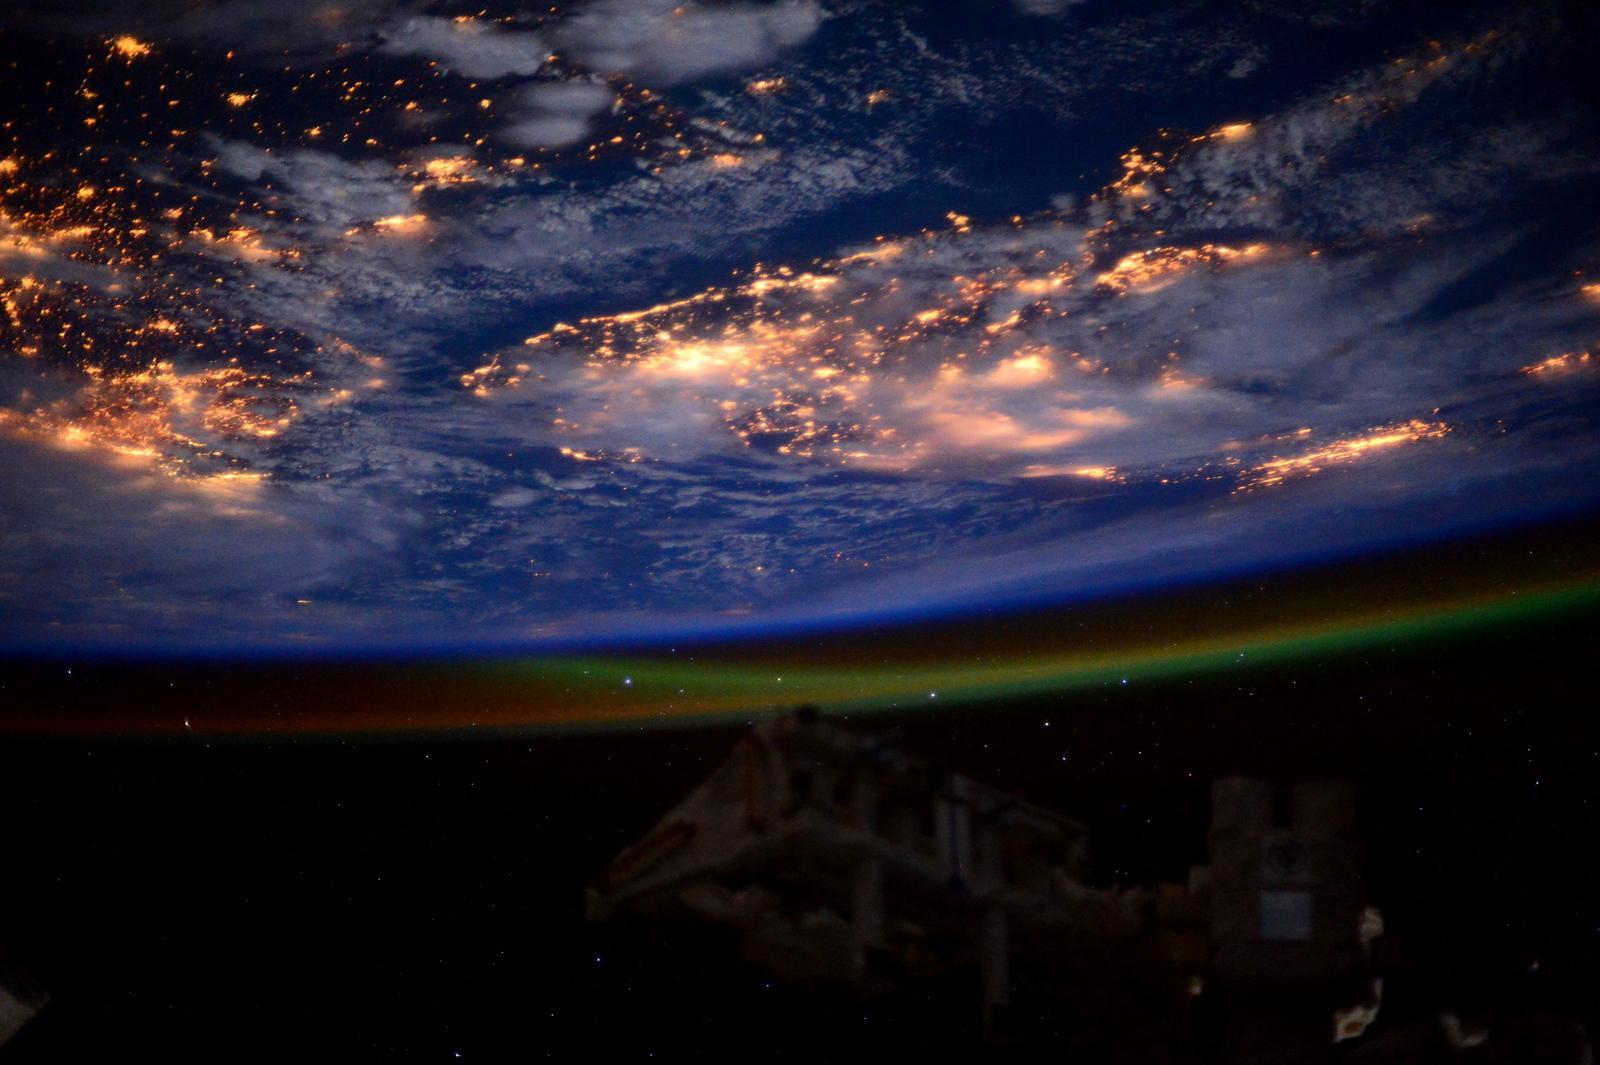 RT @AstroSamantha: Good night from #space! Buona notte dallo spazio! http://t.co/59zCJN0TIC